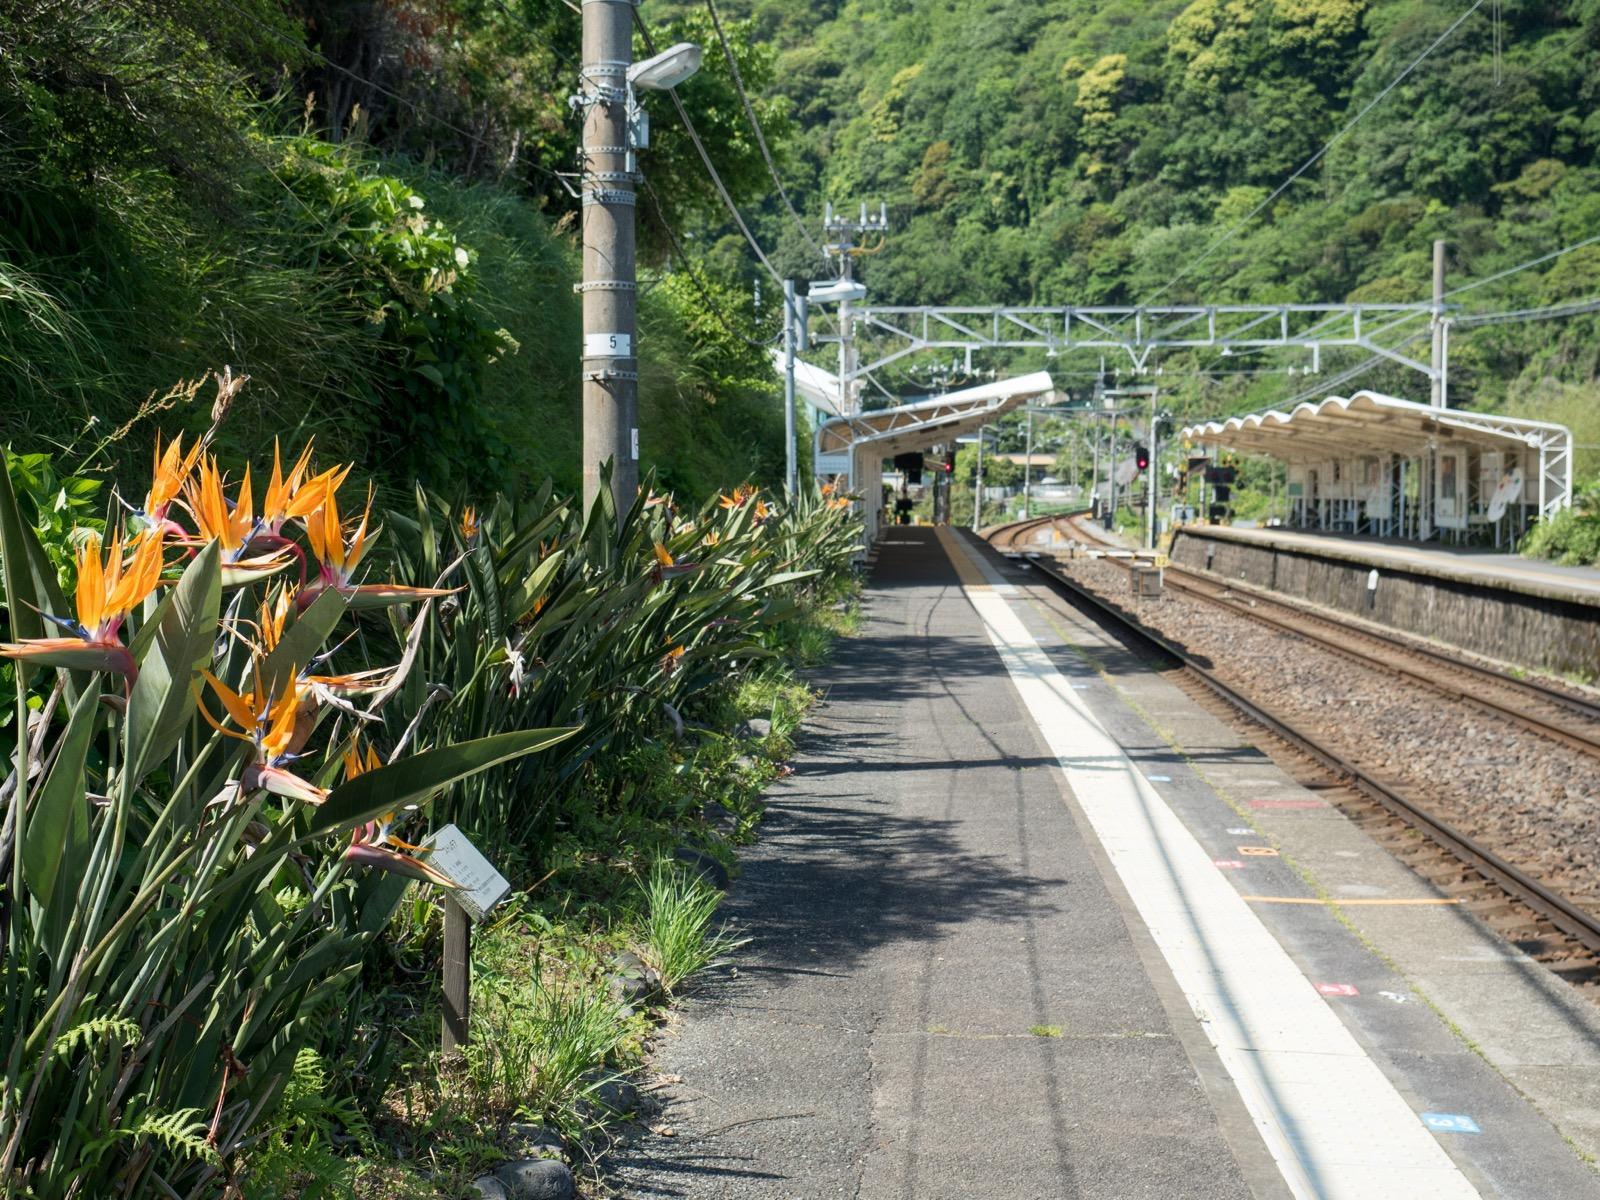 伊豆大川駅のホームと極楽鳥花(ストレチア)